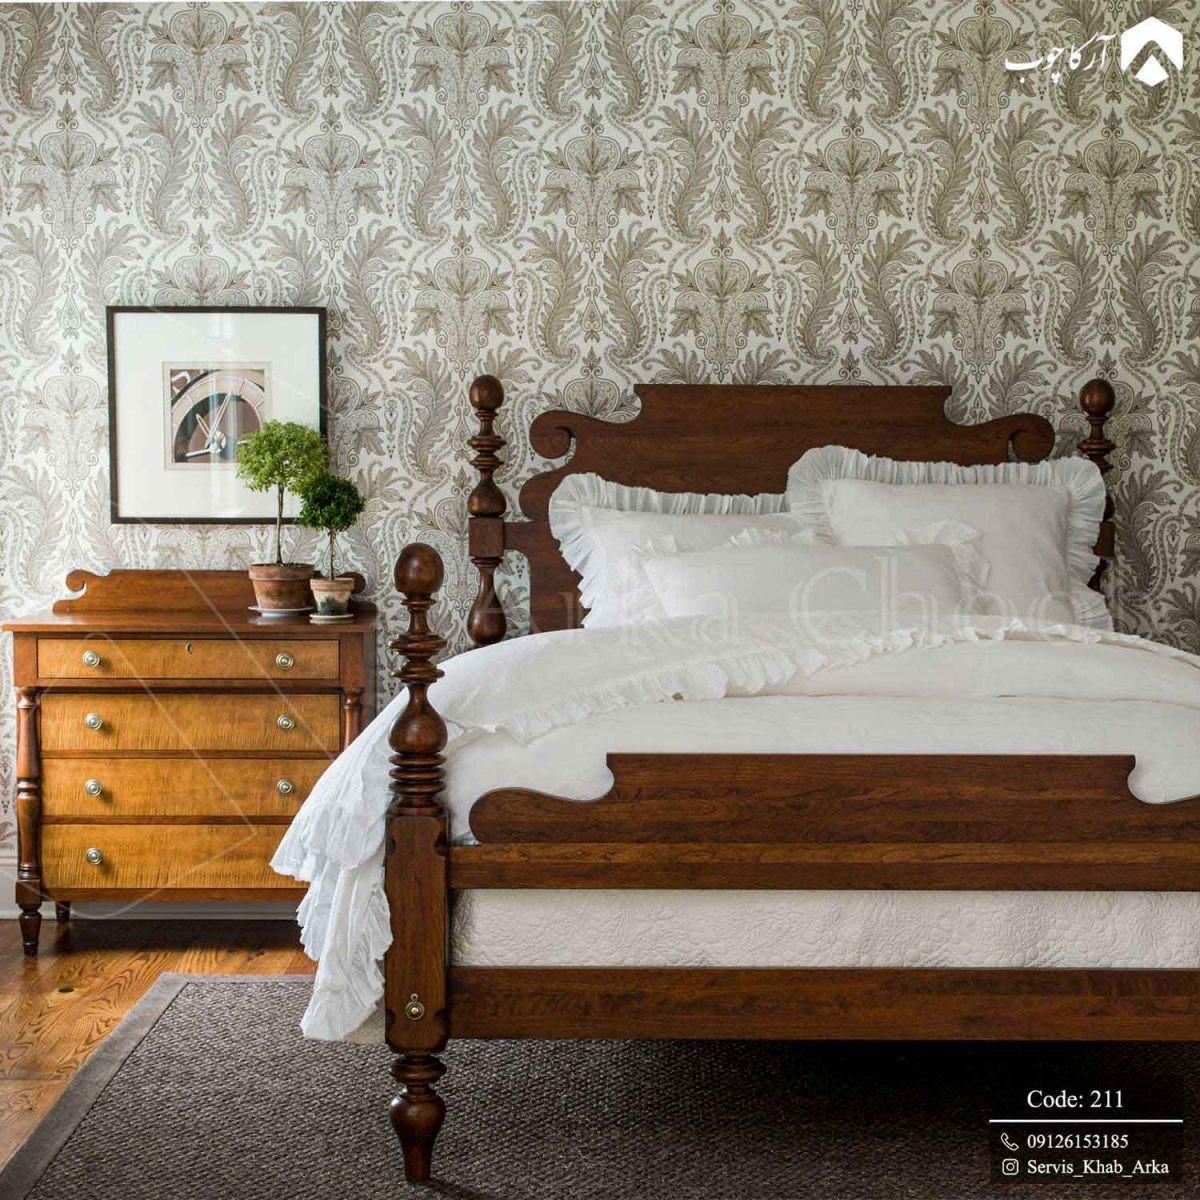 خرید سرویس خواب چوبی کلاسیک با استایل قدیمی